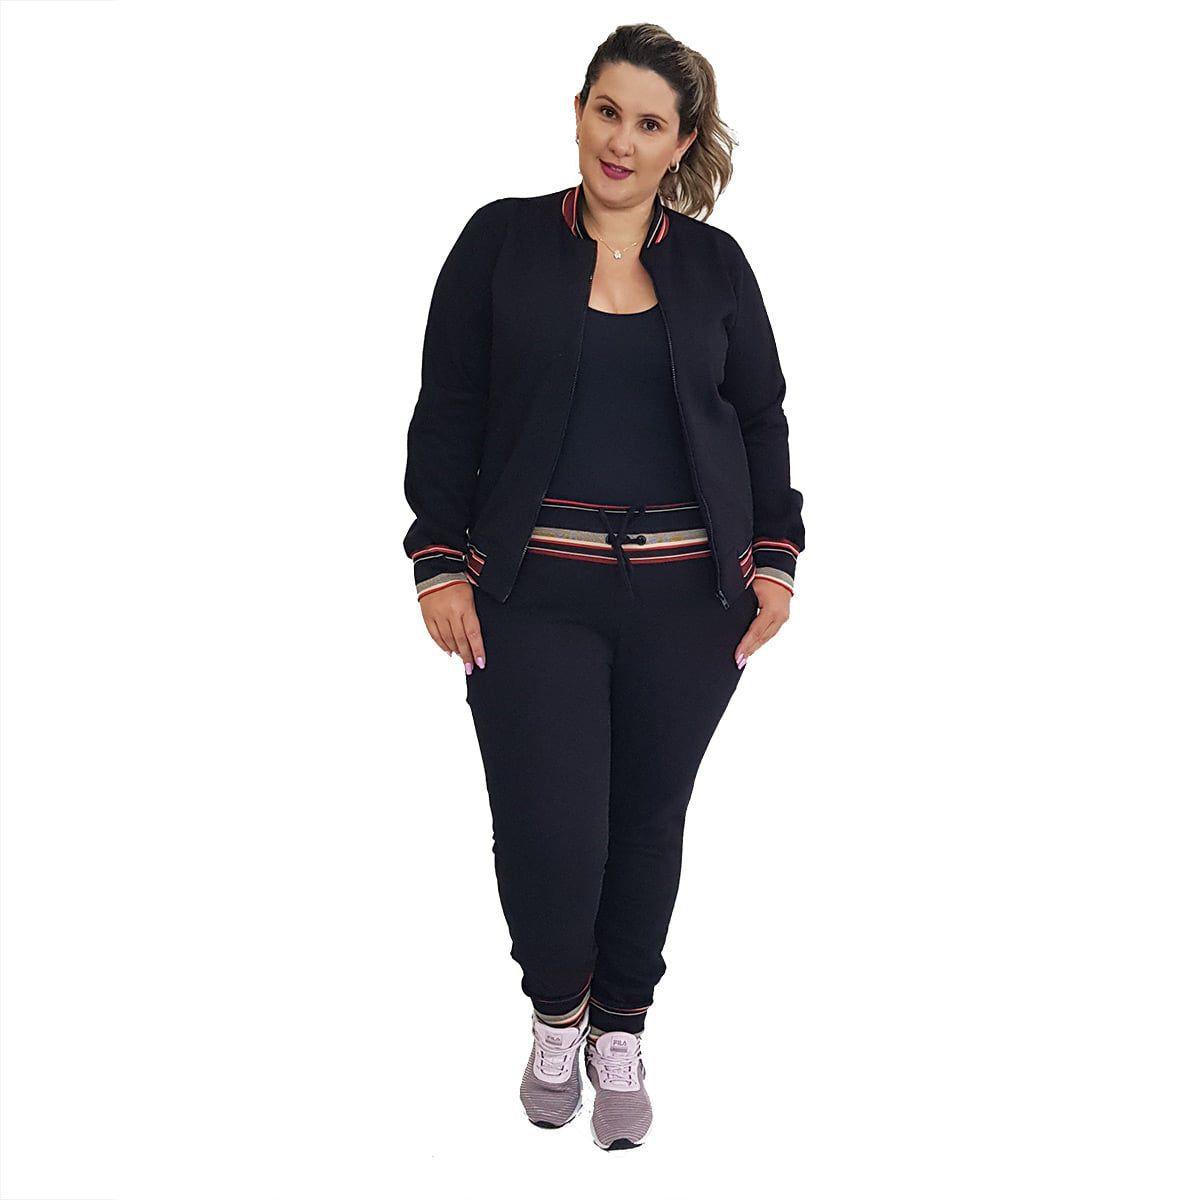 Calça de Moletom Plus Size Preta com Detalhe